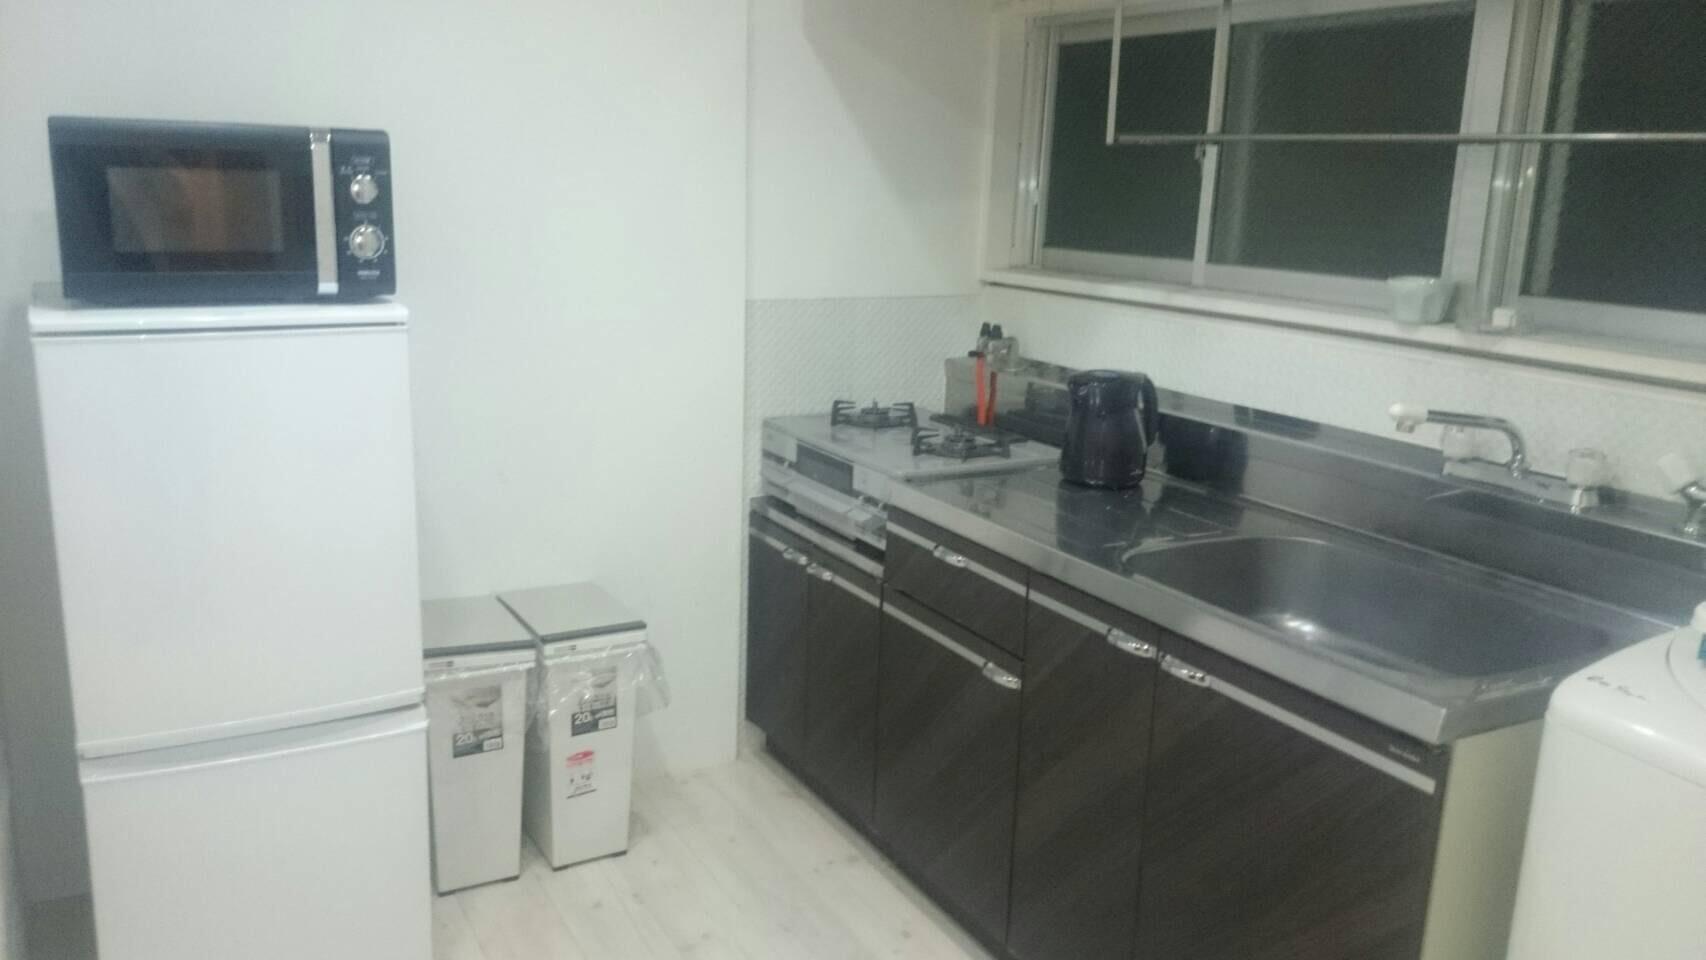 冷蔵庫や電子レンジ、ケトルなど調理器具も充実!